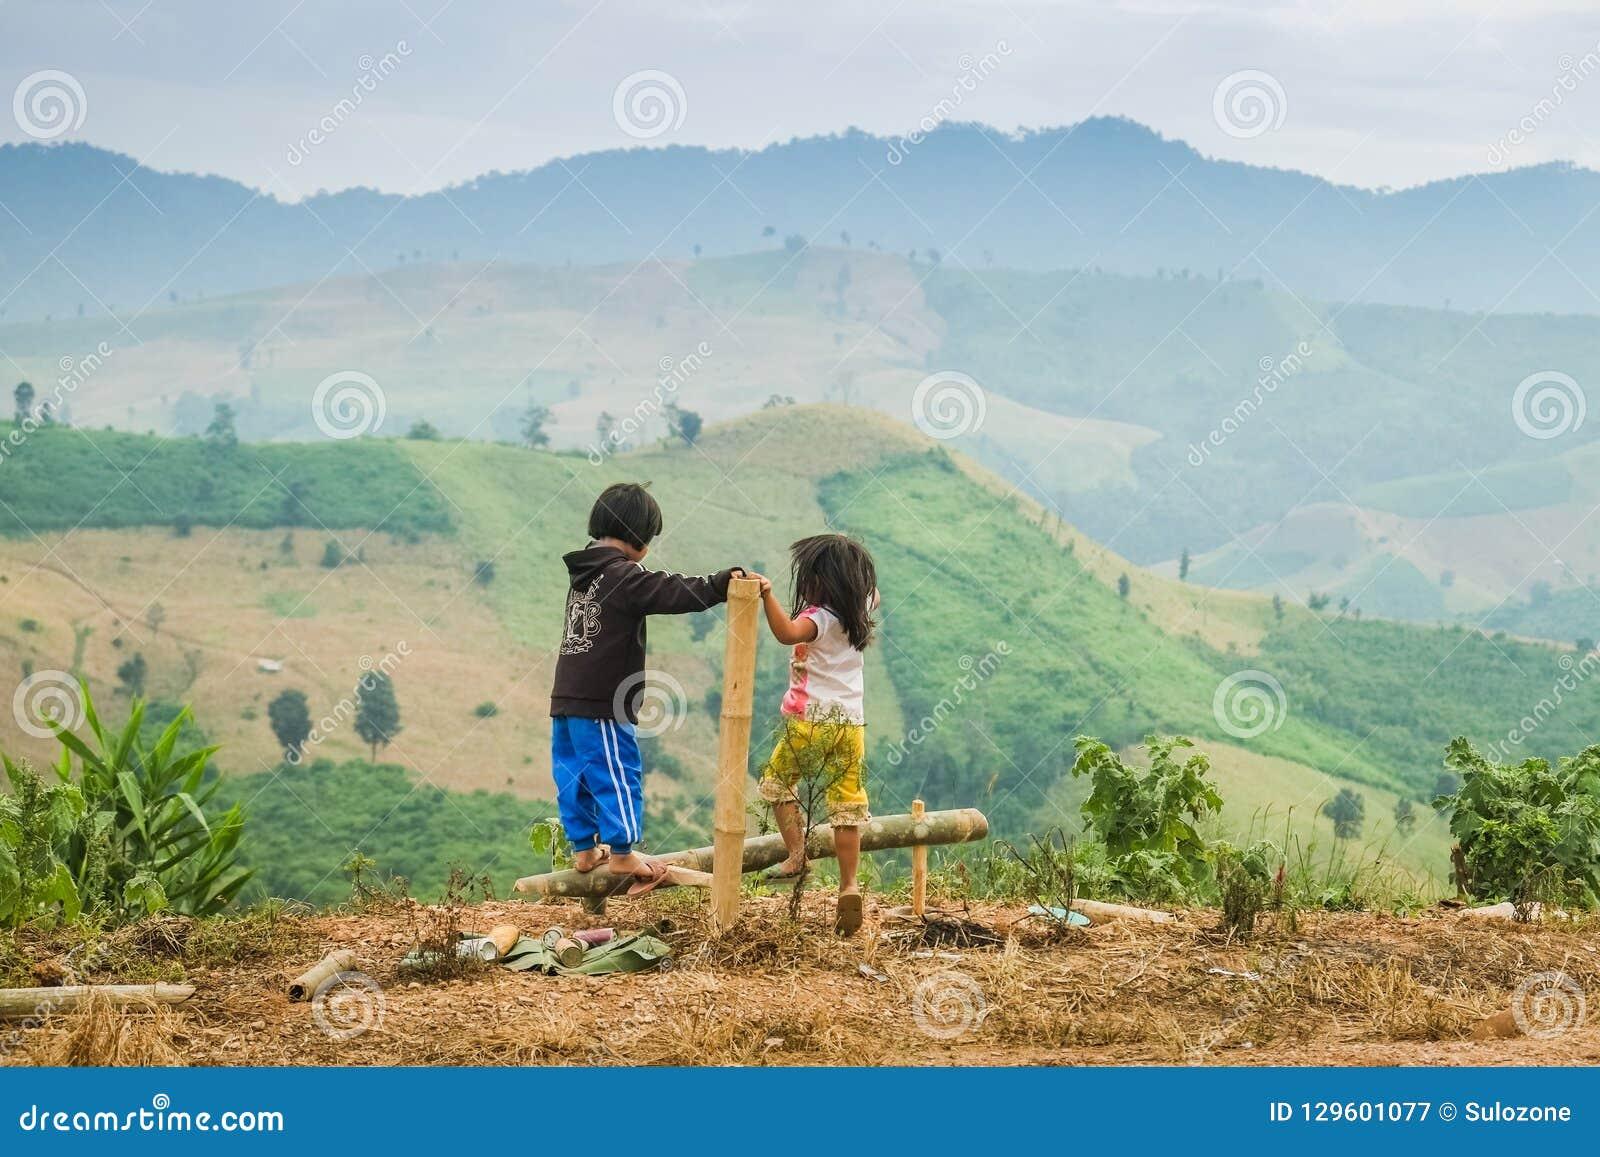 两村姑是使用室外与山在背景中